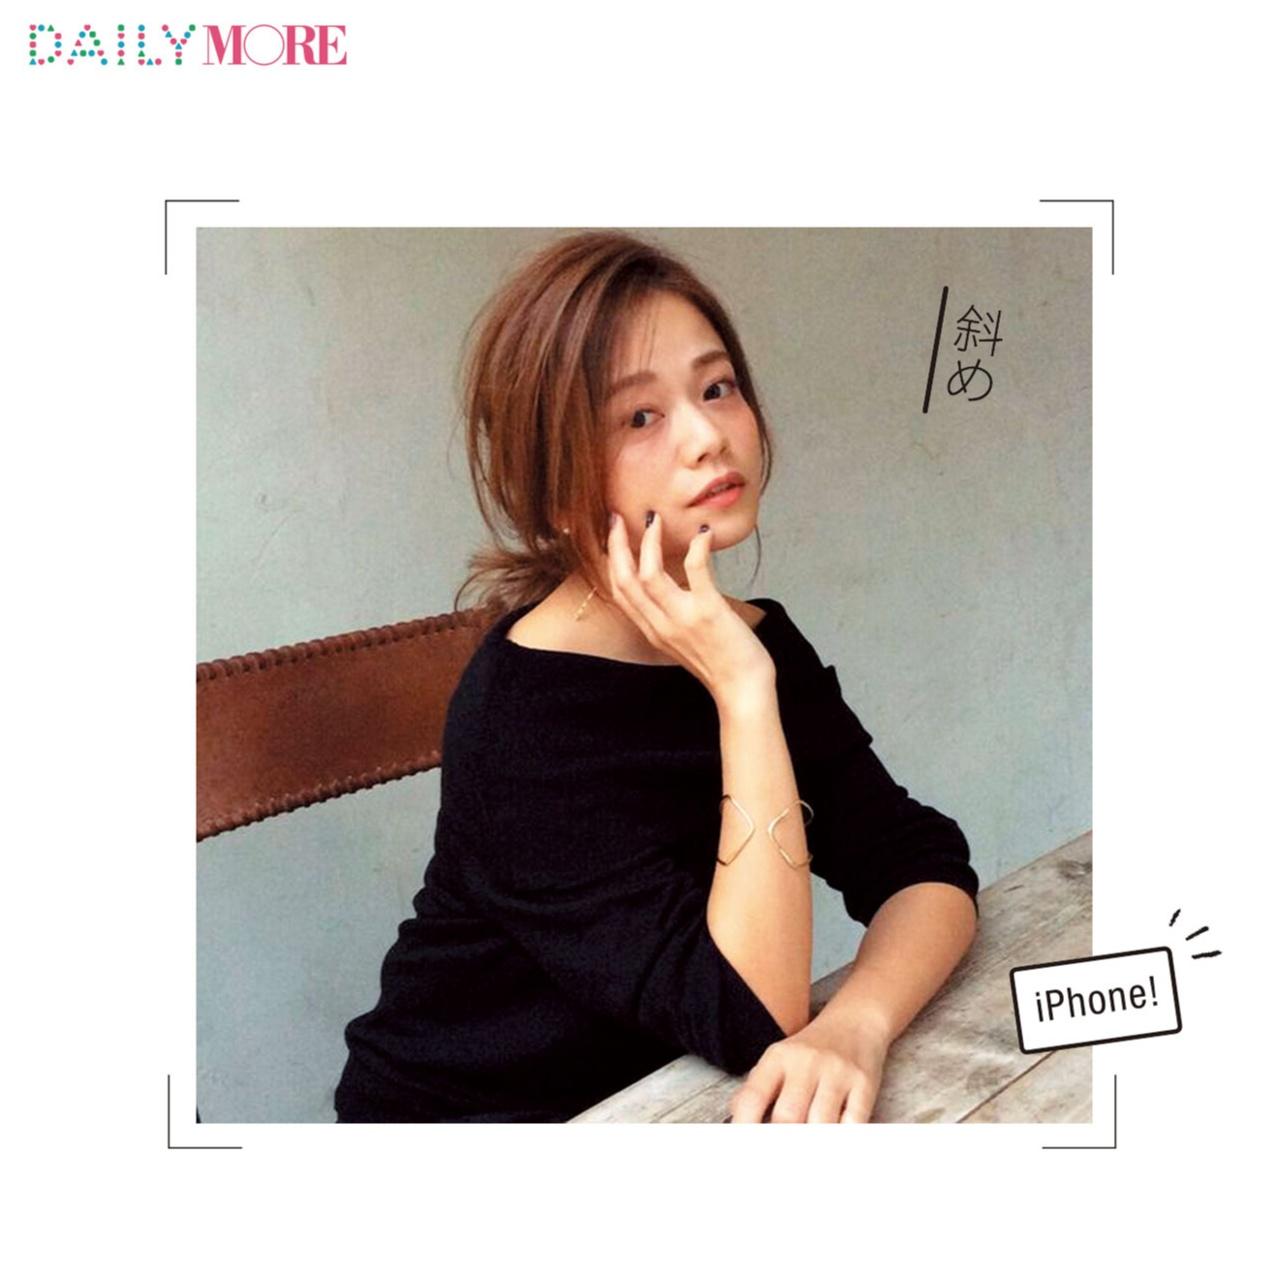 友達にはナイショ!? 驚くほど可愛く撮れる♡ 小田切ヒロさんの「最強自撮り」4つのテクニック_7